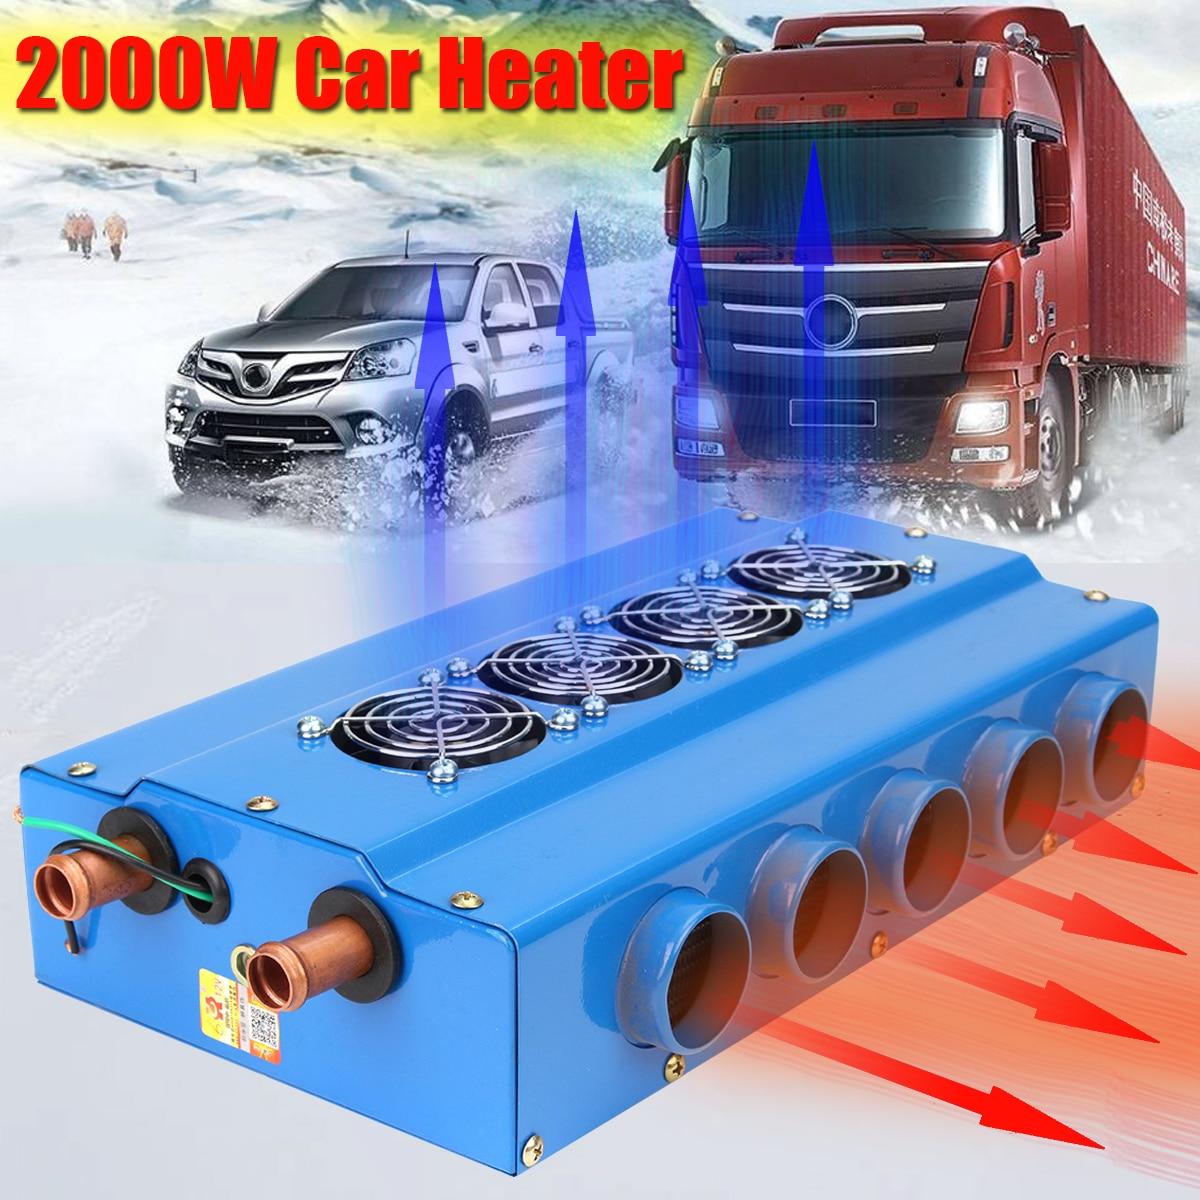 DC 12 V voiture chauffage voiture électronique chauffage 2000 W 16 racine gras Tube de cuivre 10 grand trou de vent électrique voiture chauffages